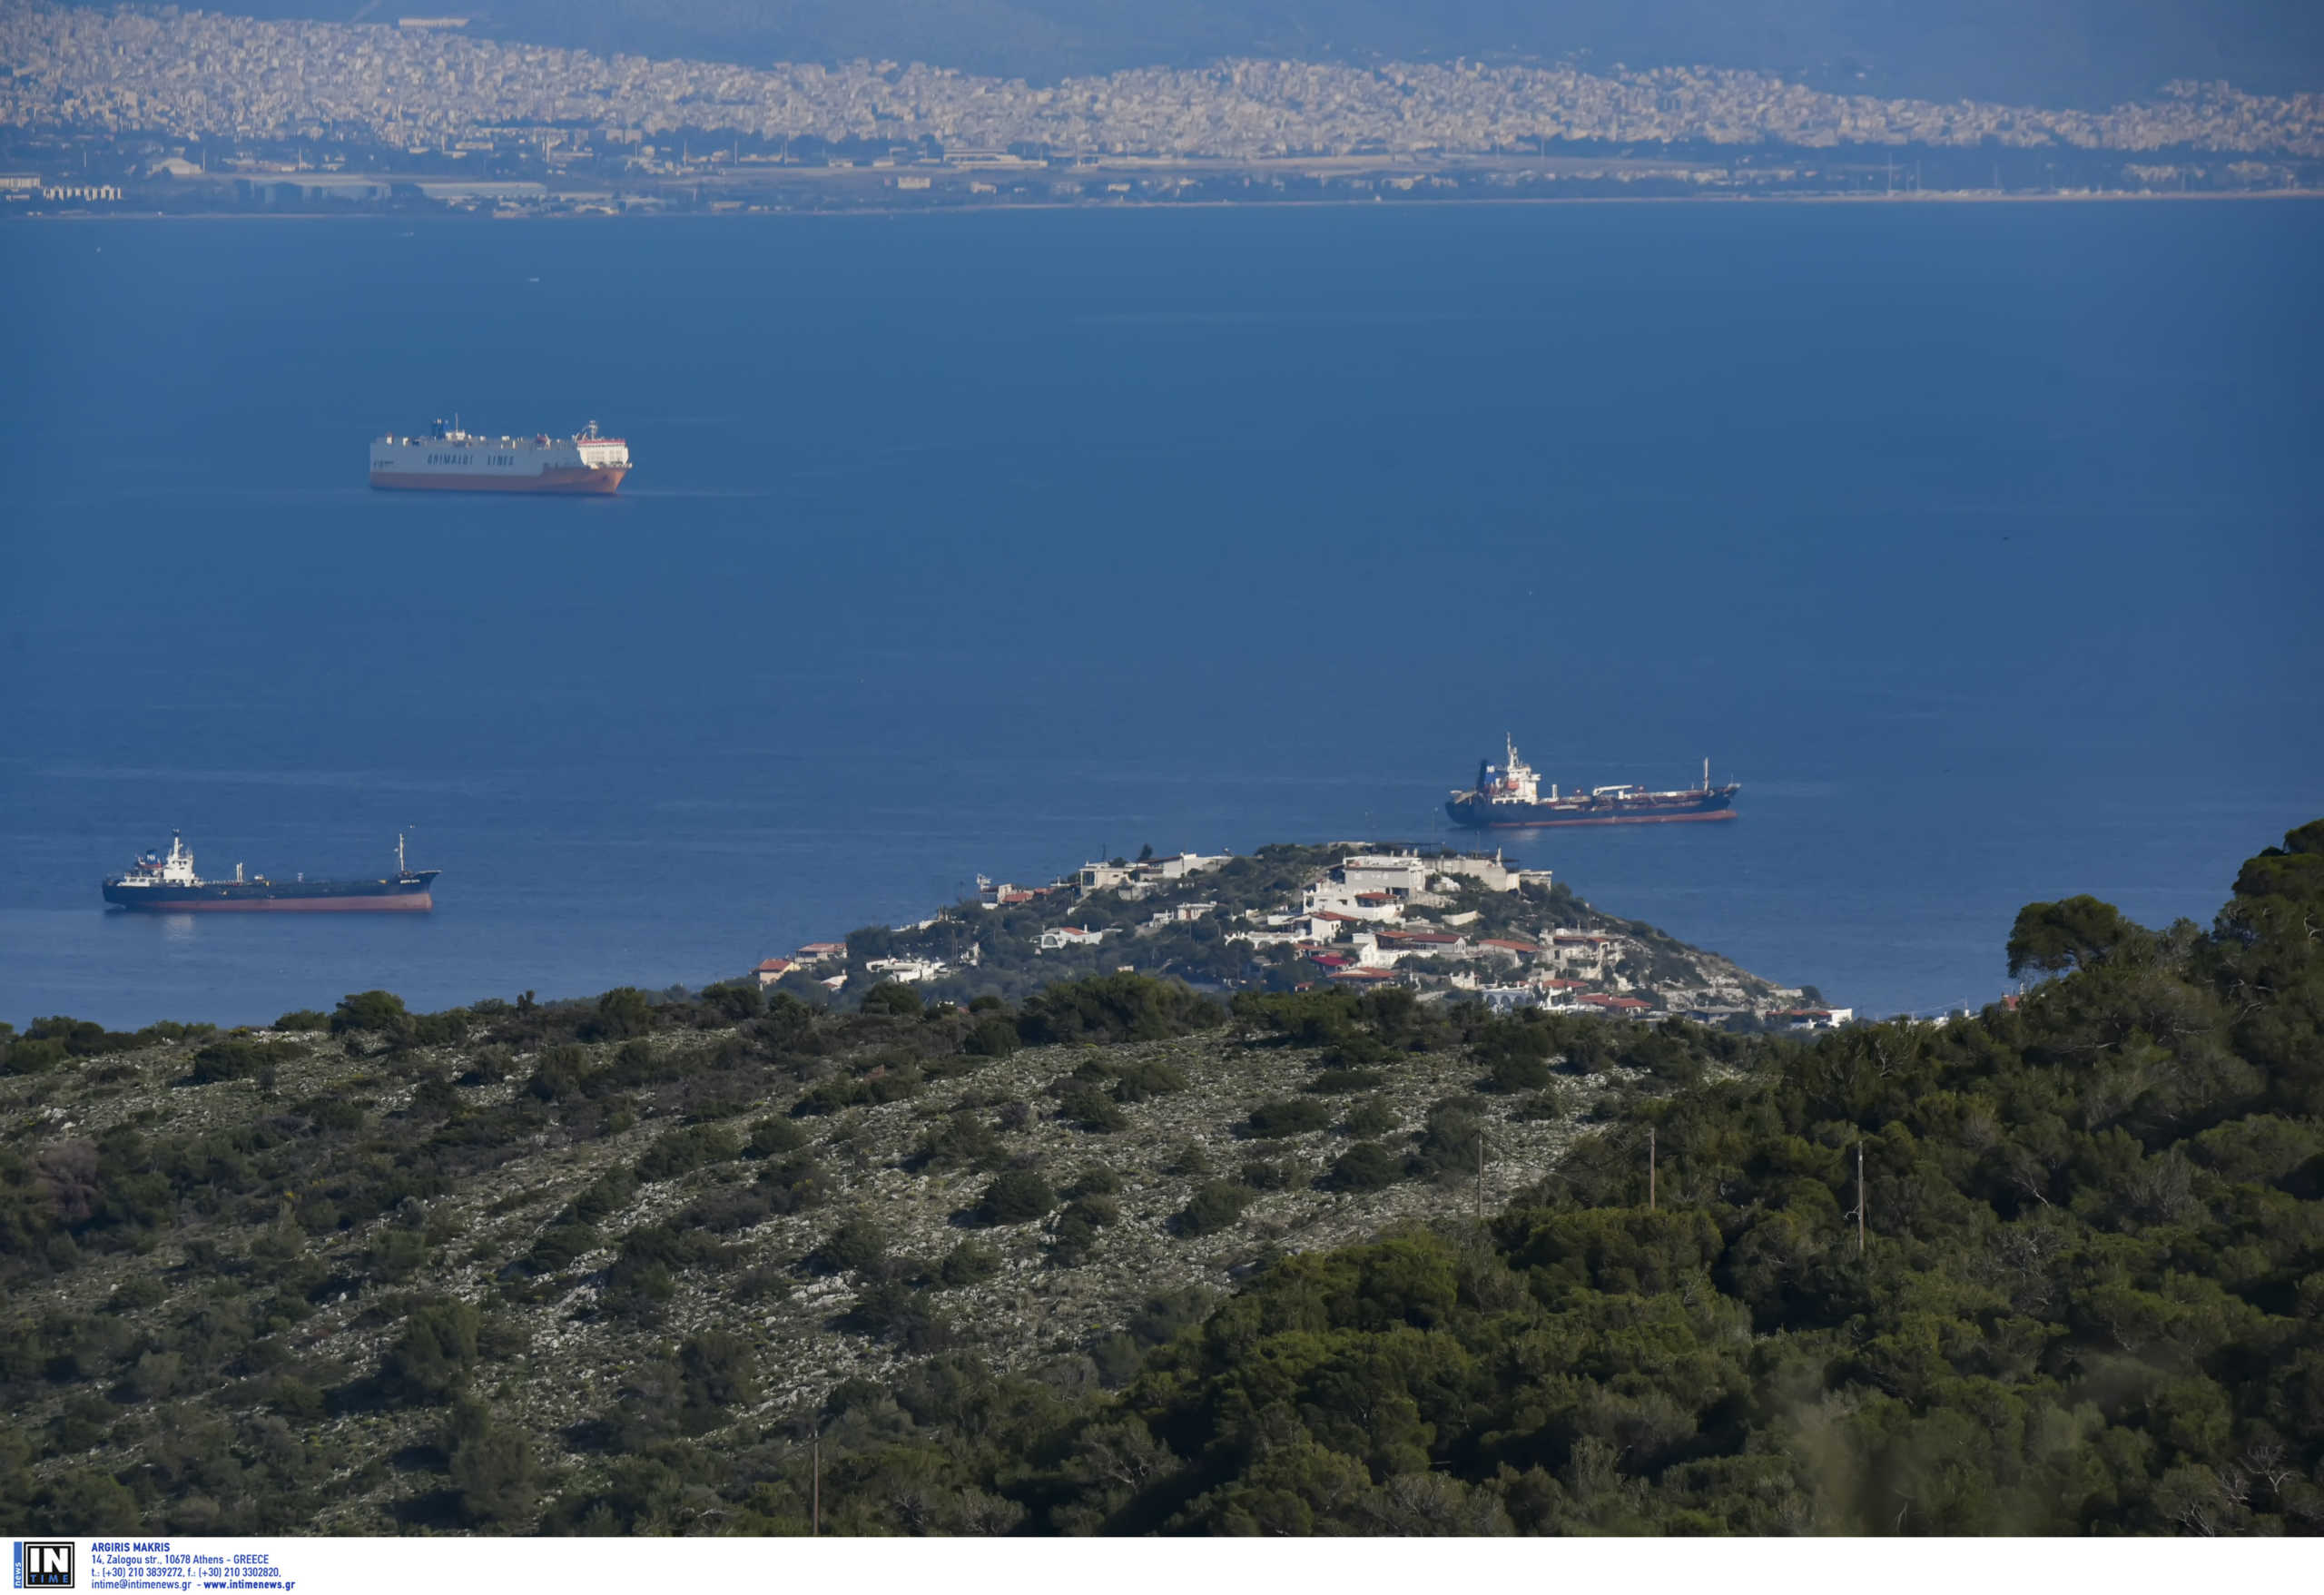 Τραυματίστηκε 34χρονος, μέλος πληρώματος πλοίου στο Πέραμα